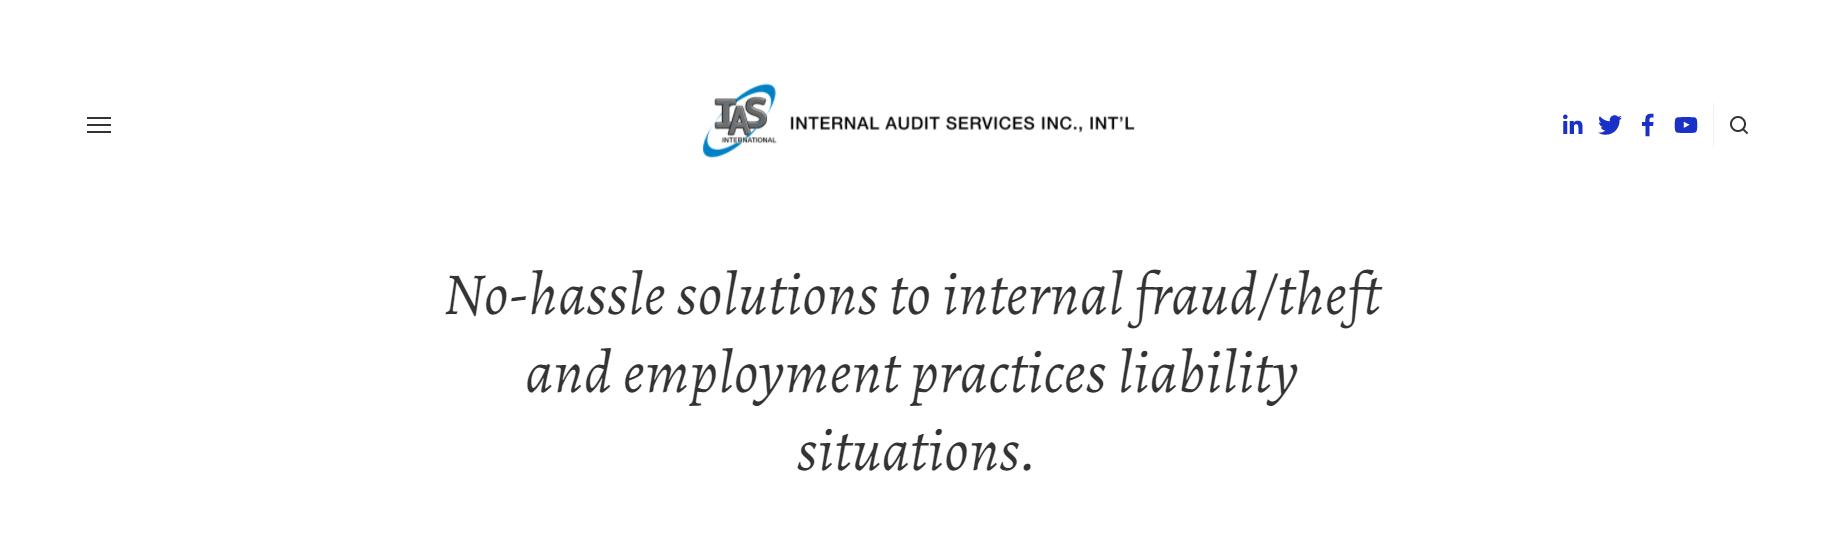 Internal Audit Services Inc., Int'l